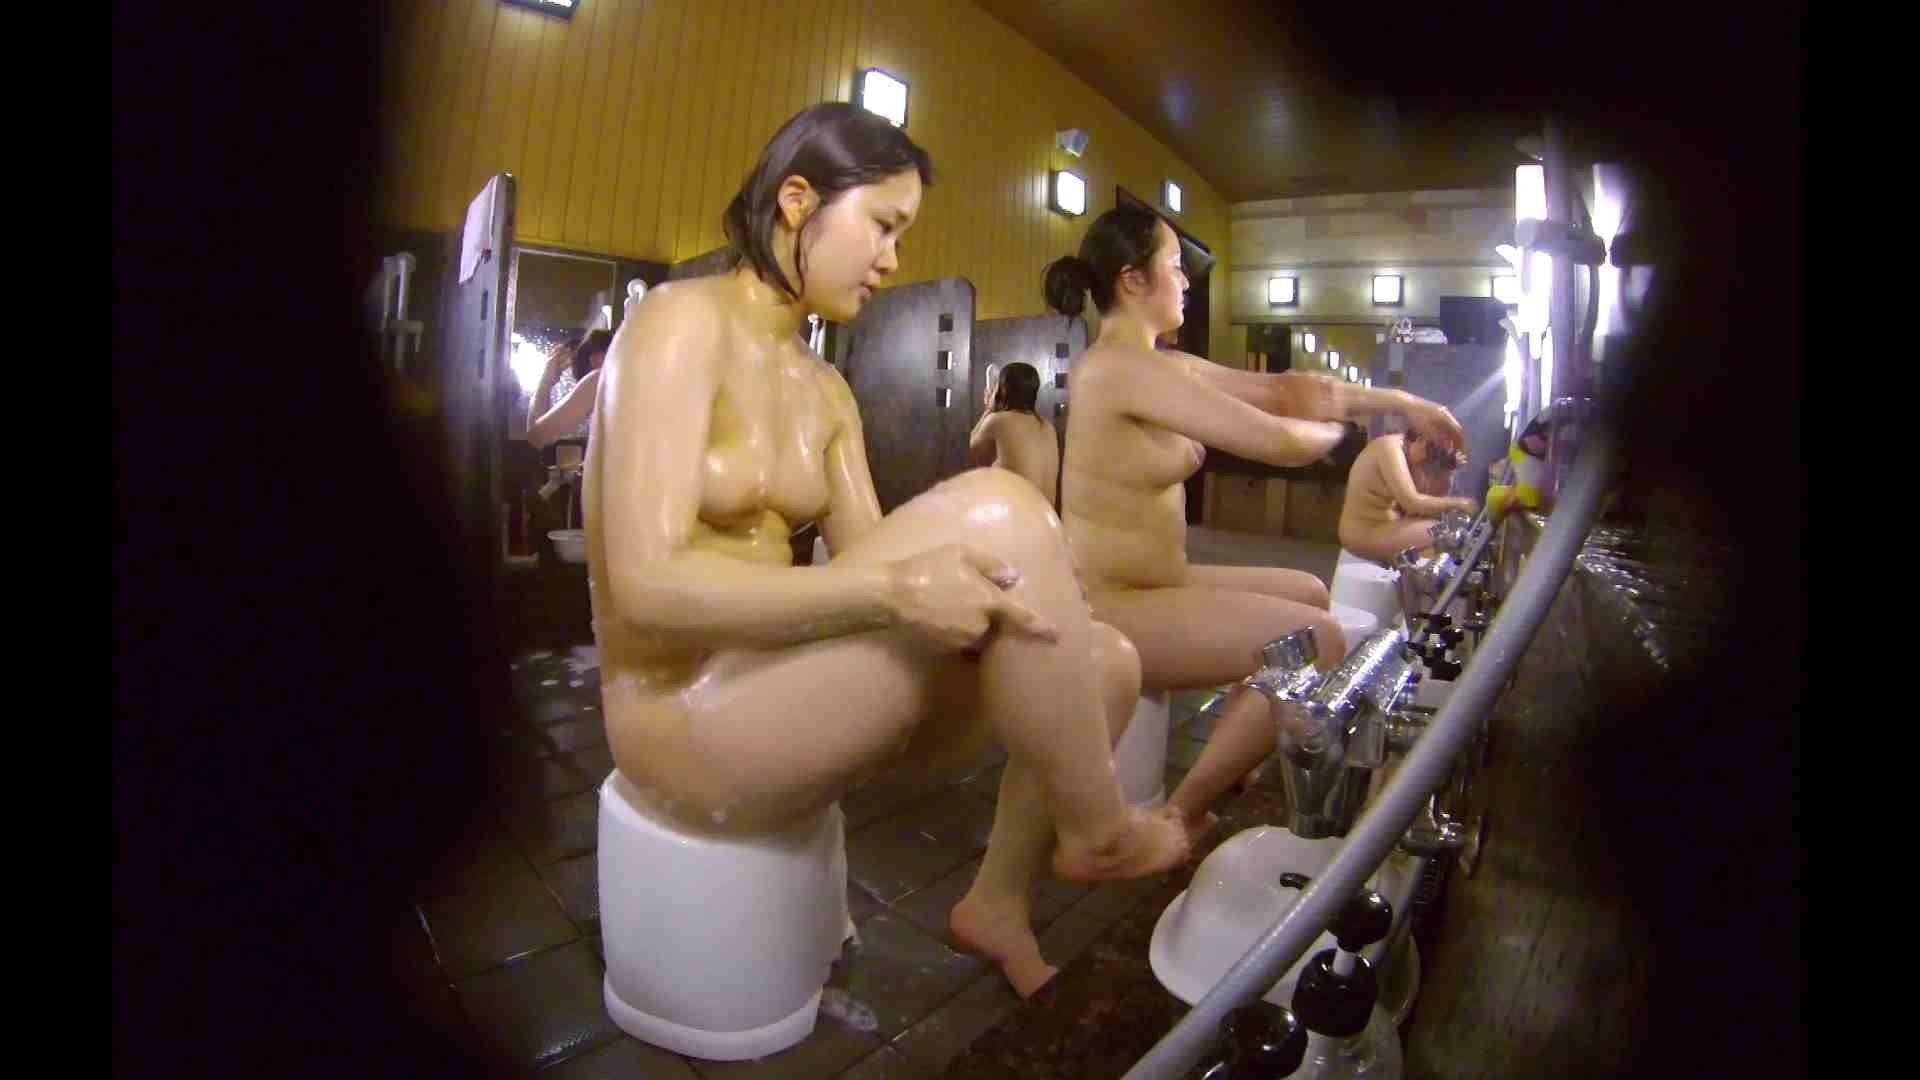 洗い場!ムッチリの2人組。美女ではないですが、触りたくなる体つき 銭湯 | 美女達のヌード  34連発 31